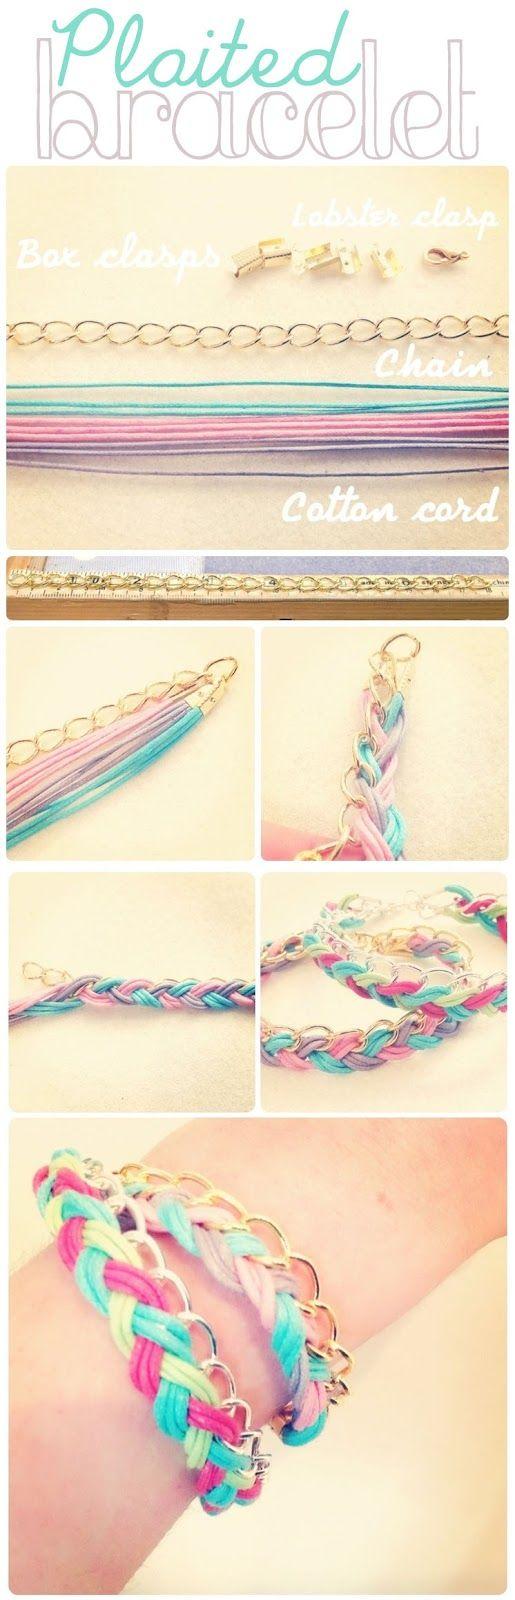 Prueba a hacerte una con cuerdas de 1.5mm http://sacocharte.com #DIY #brazalete #pulsera